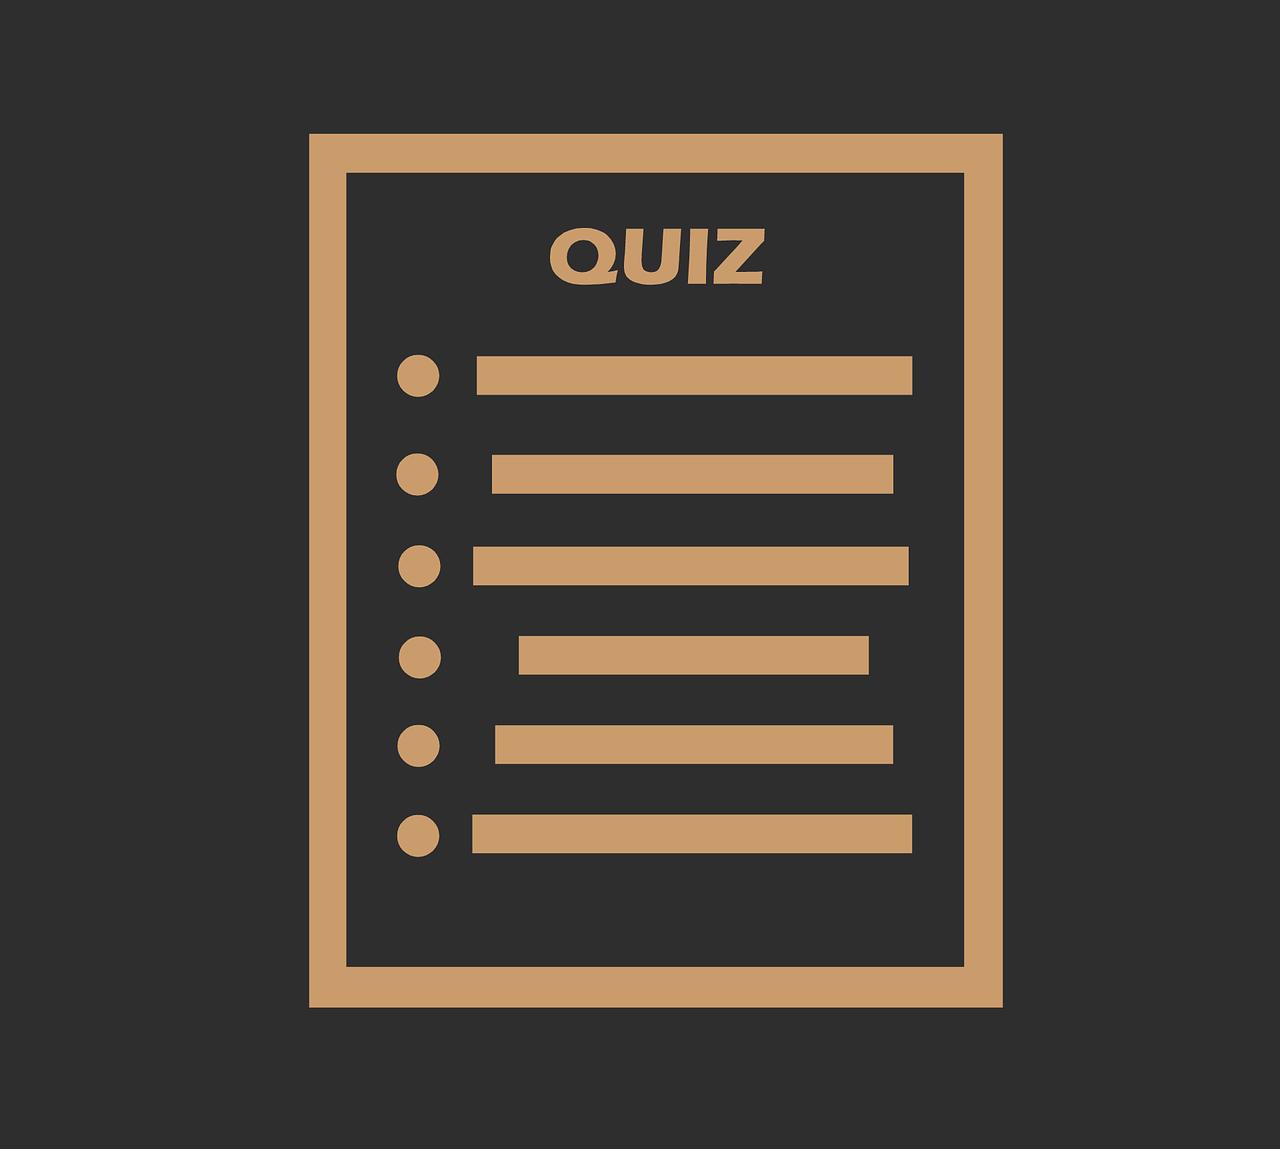 Ikonen-Museum bietet Quiz an